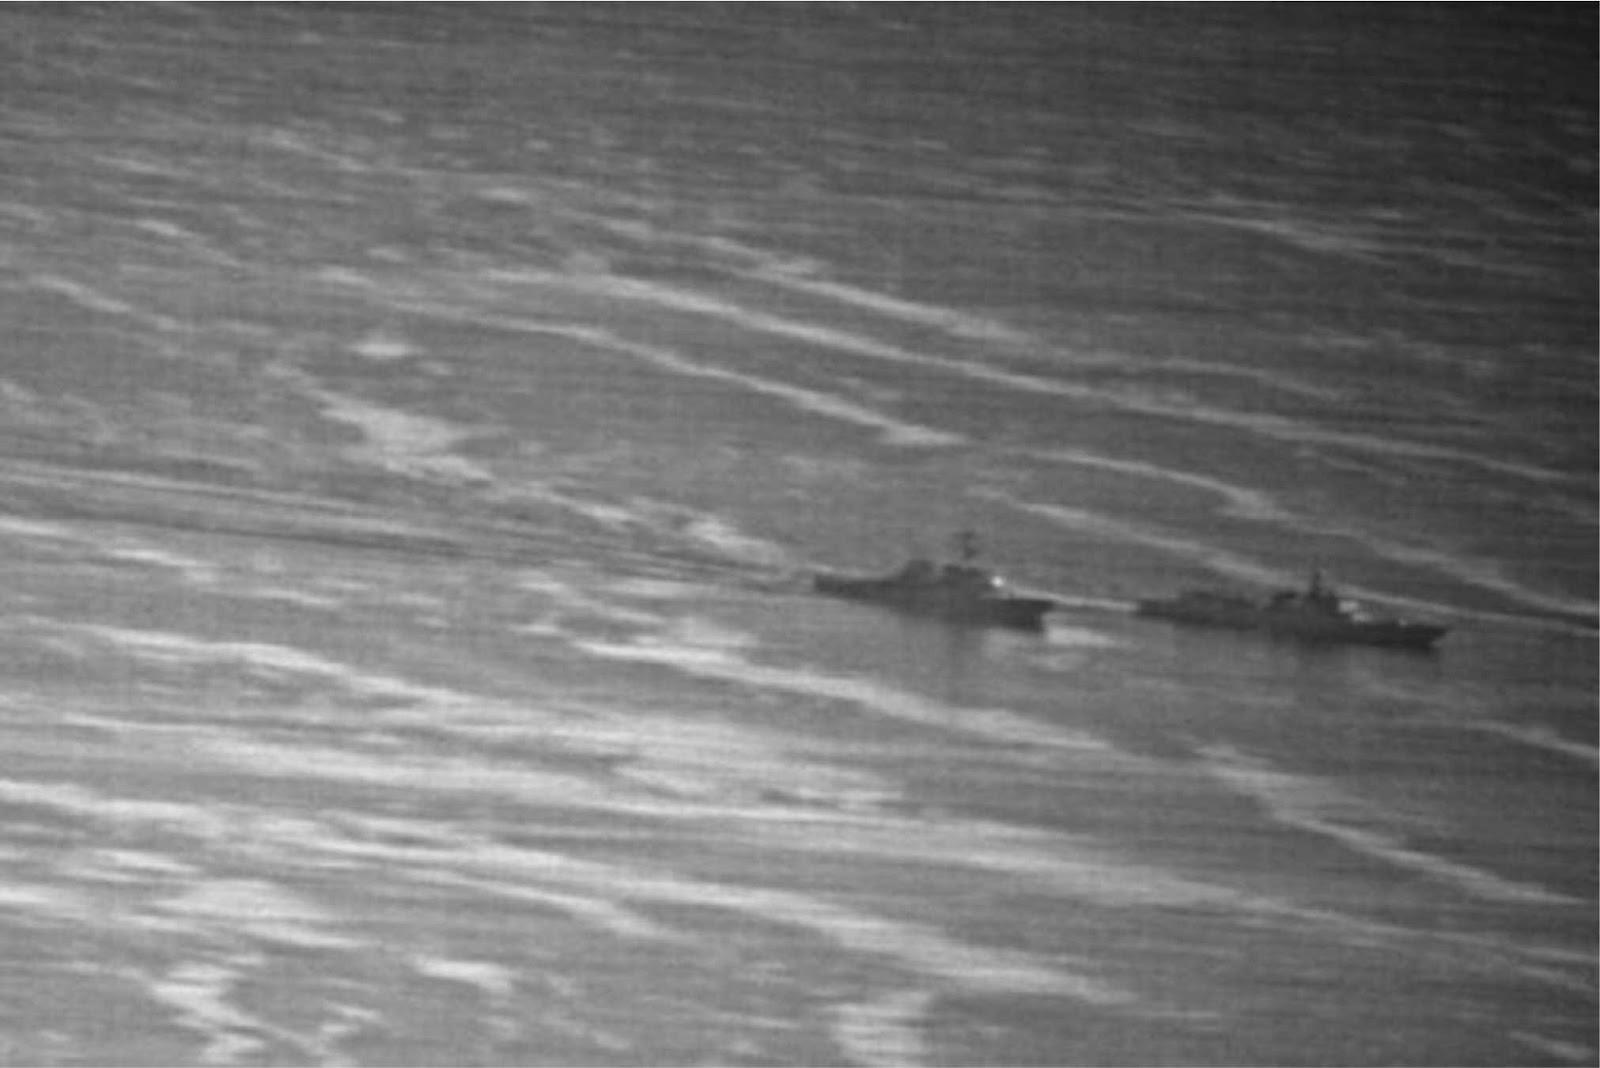 US Navy merencanakan unjuk kekuatan global terhadap China